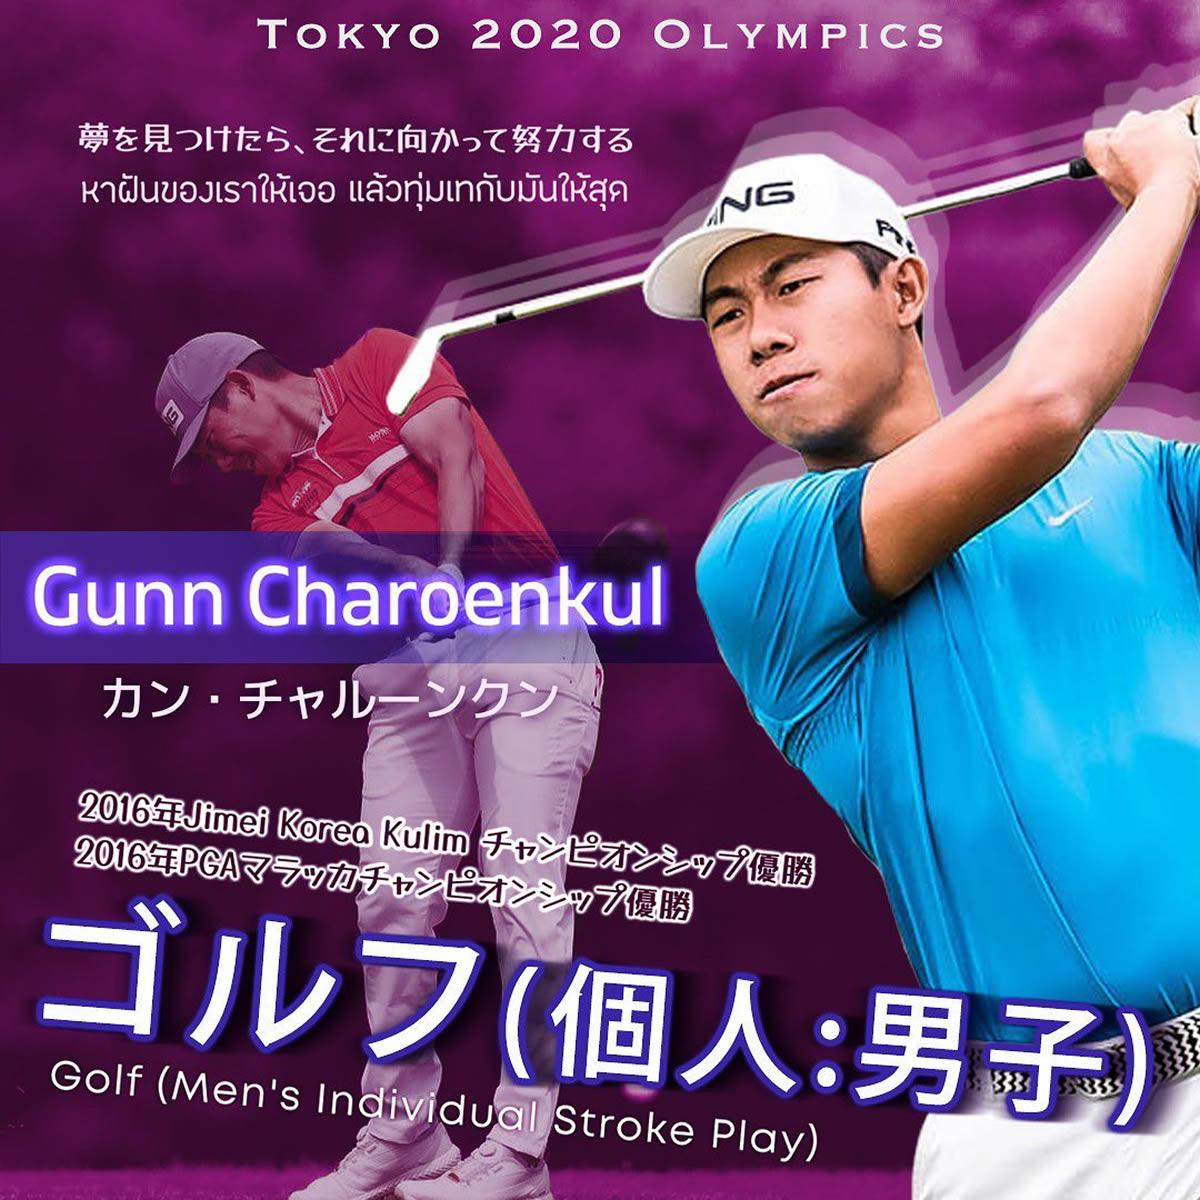 カン・チャルーンクン(カン)選手[ゴルフ タイ代表]東京2020オリンピック